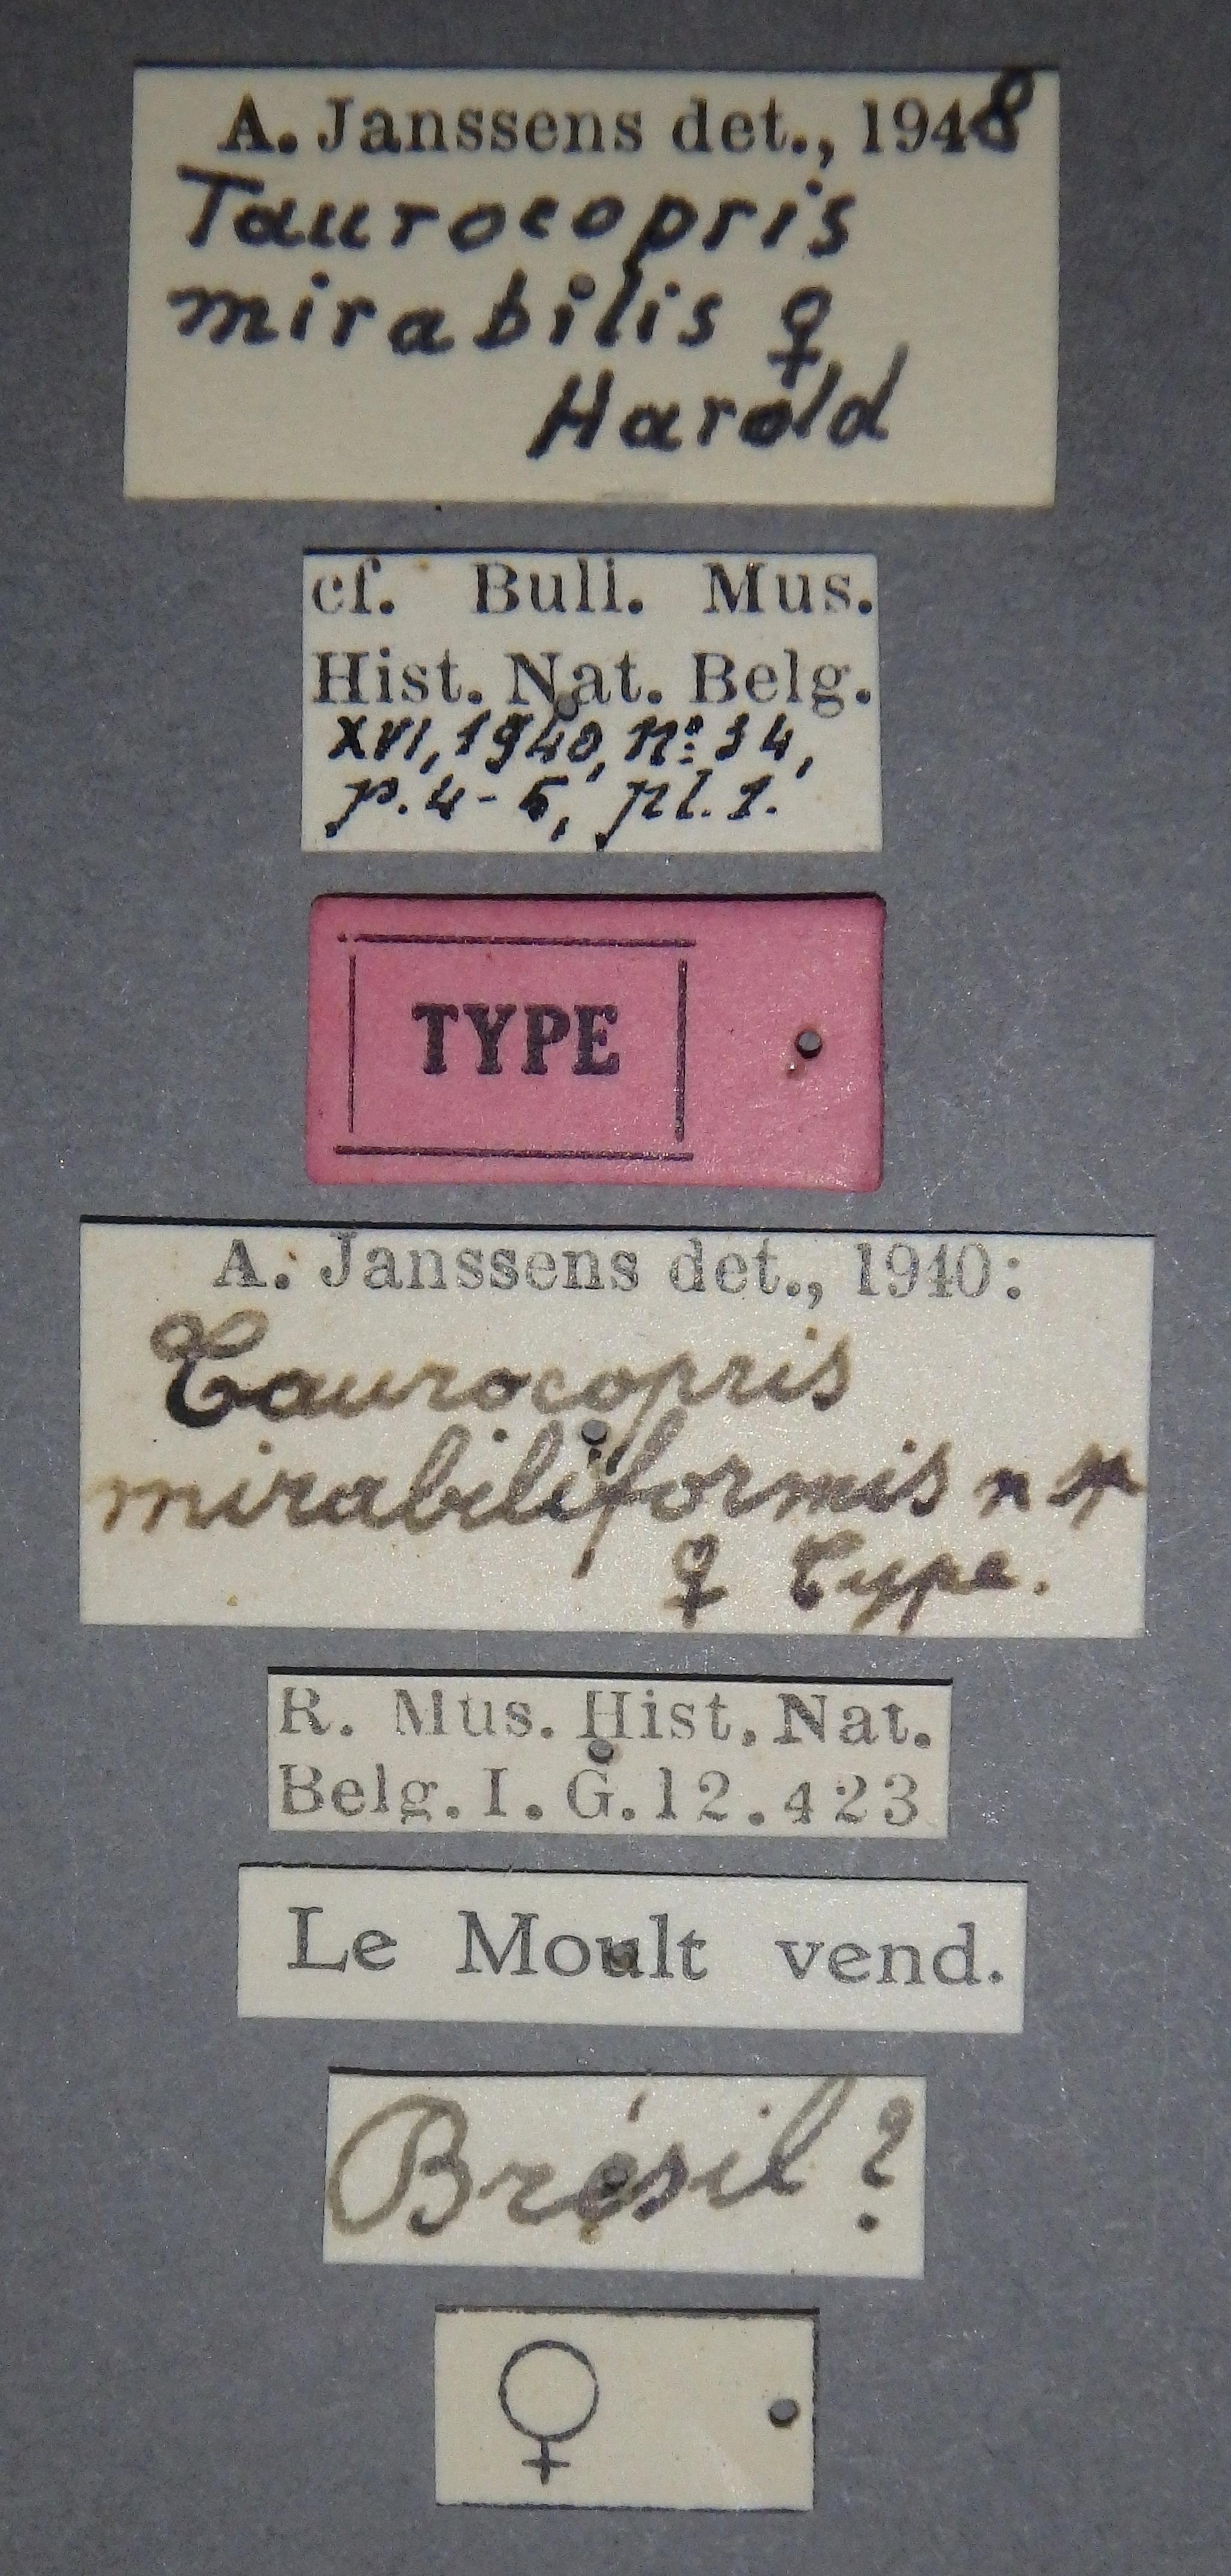 Taurocopris mirabiliformis t F Lb.JPG